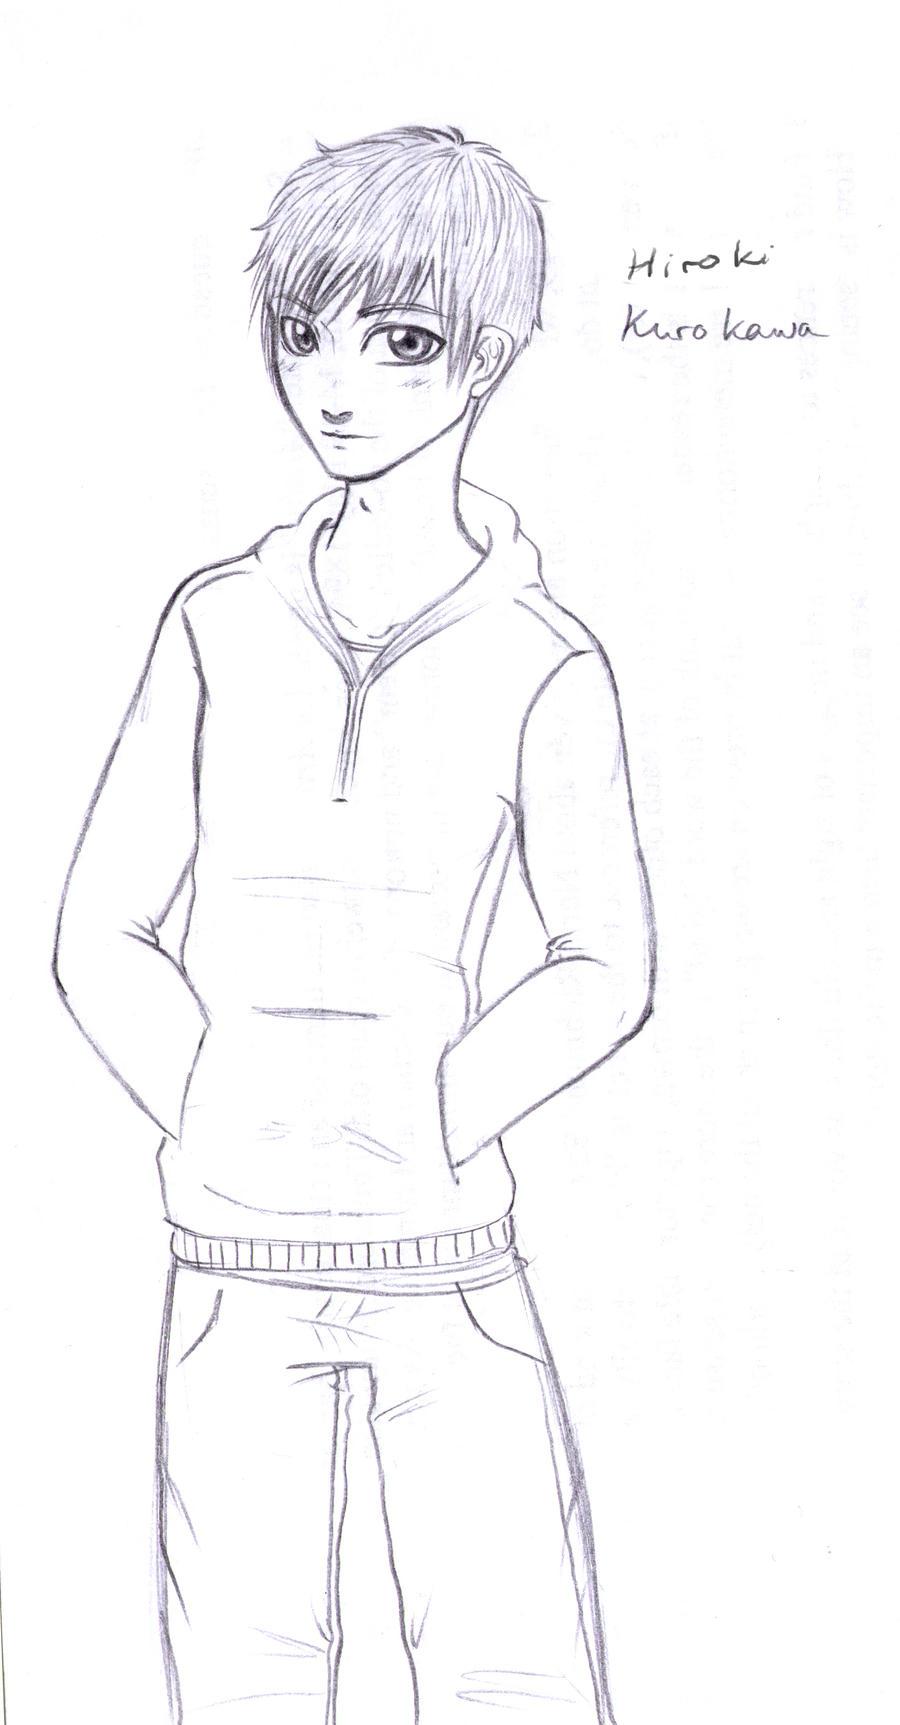 Kurokawa Hiroki -best friend- by MightyMaki